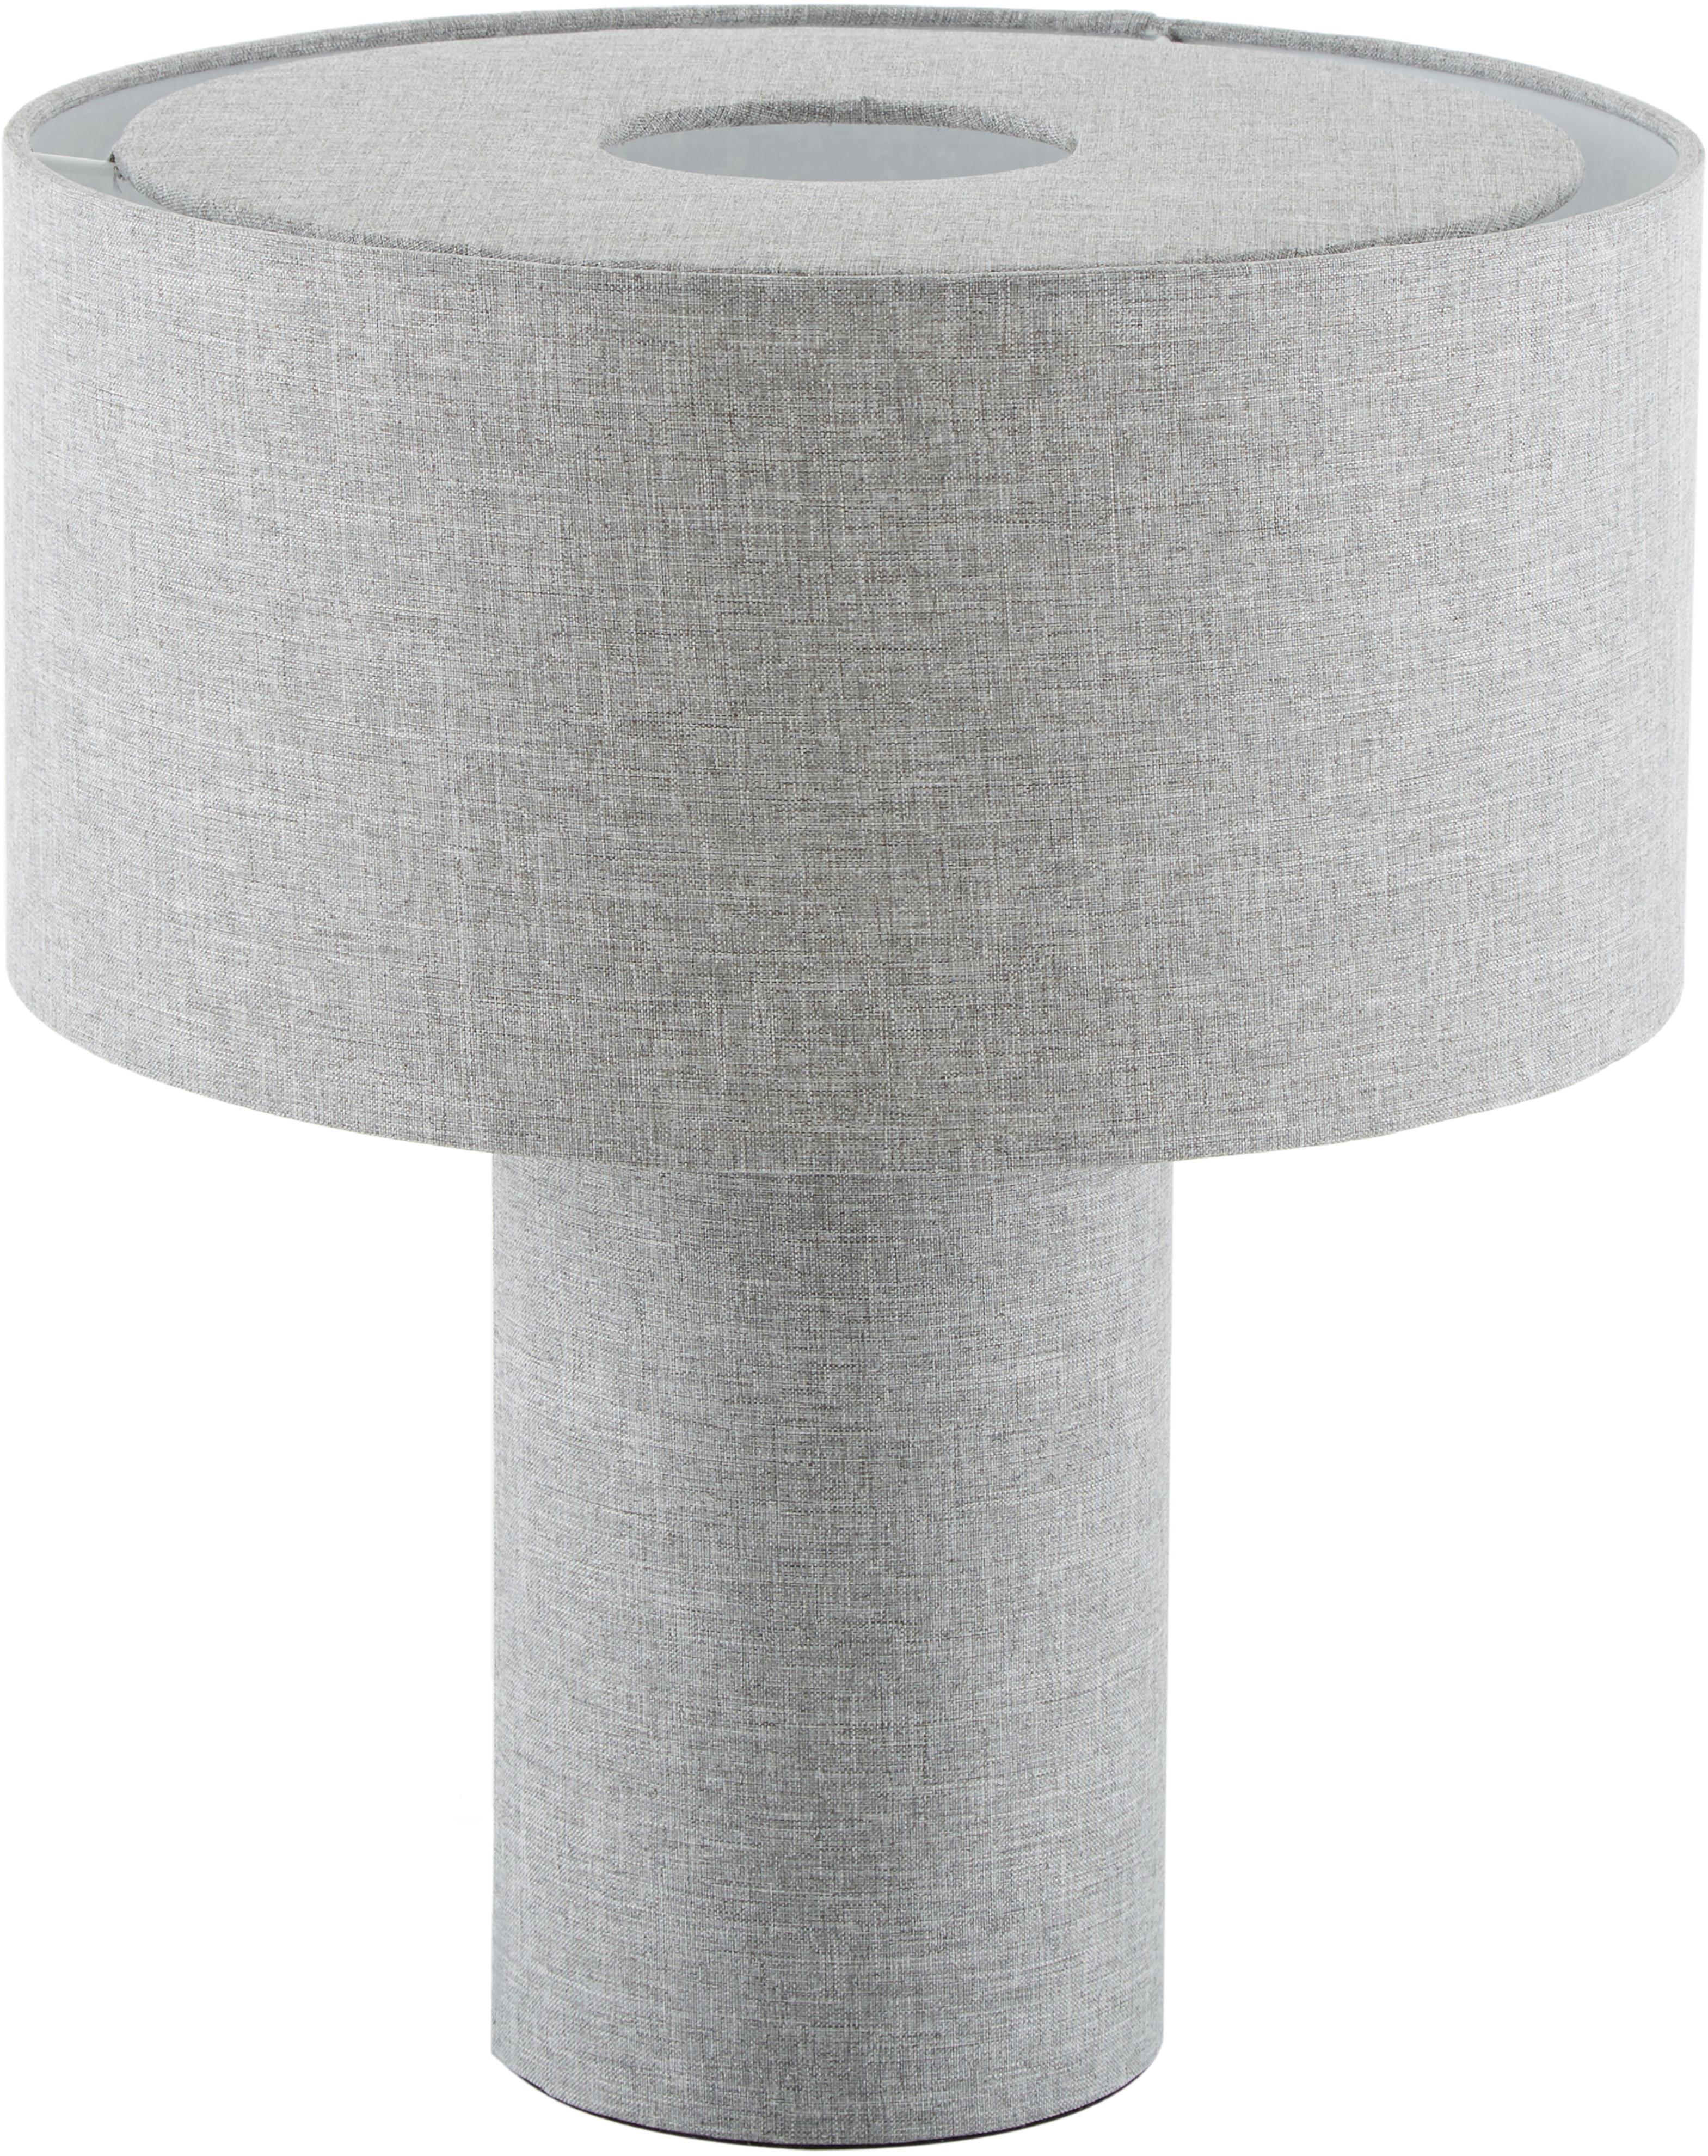 Lámpara de mesa Ron, Pantalla: textil, Cable: plástico, Gris, Ø 30 x Al 35 cm